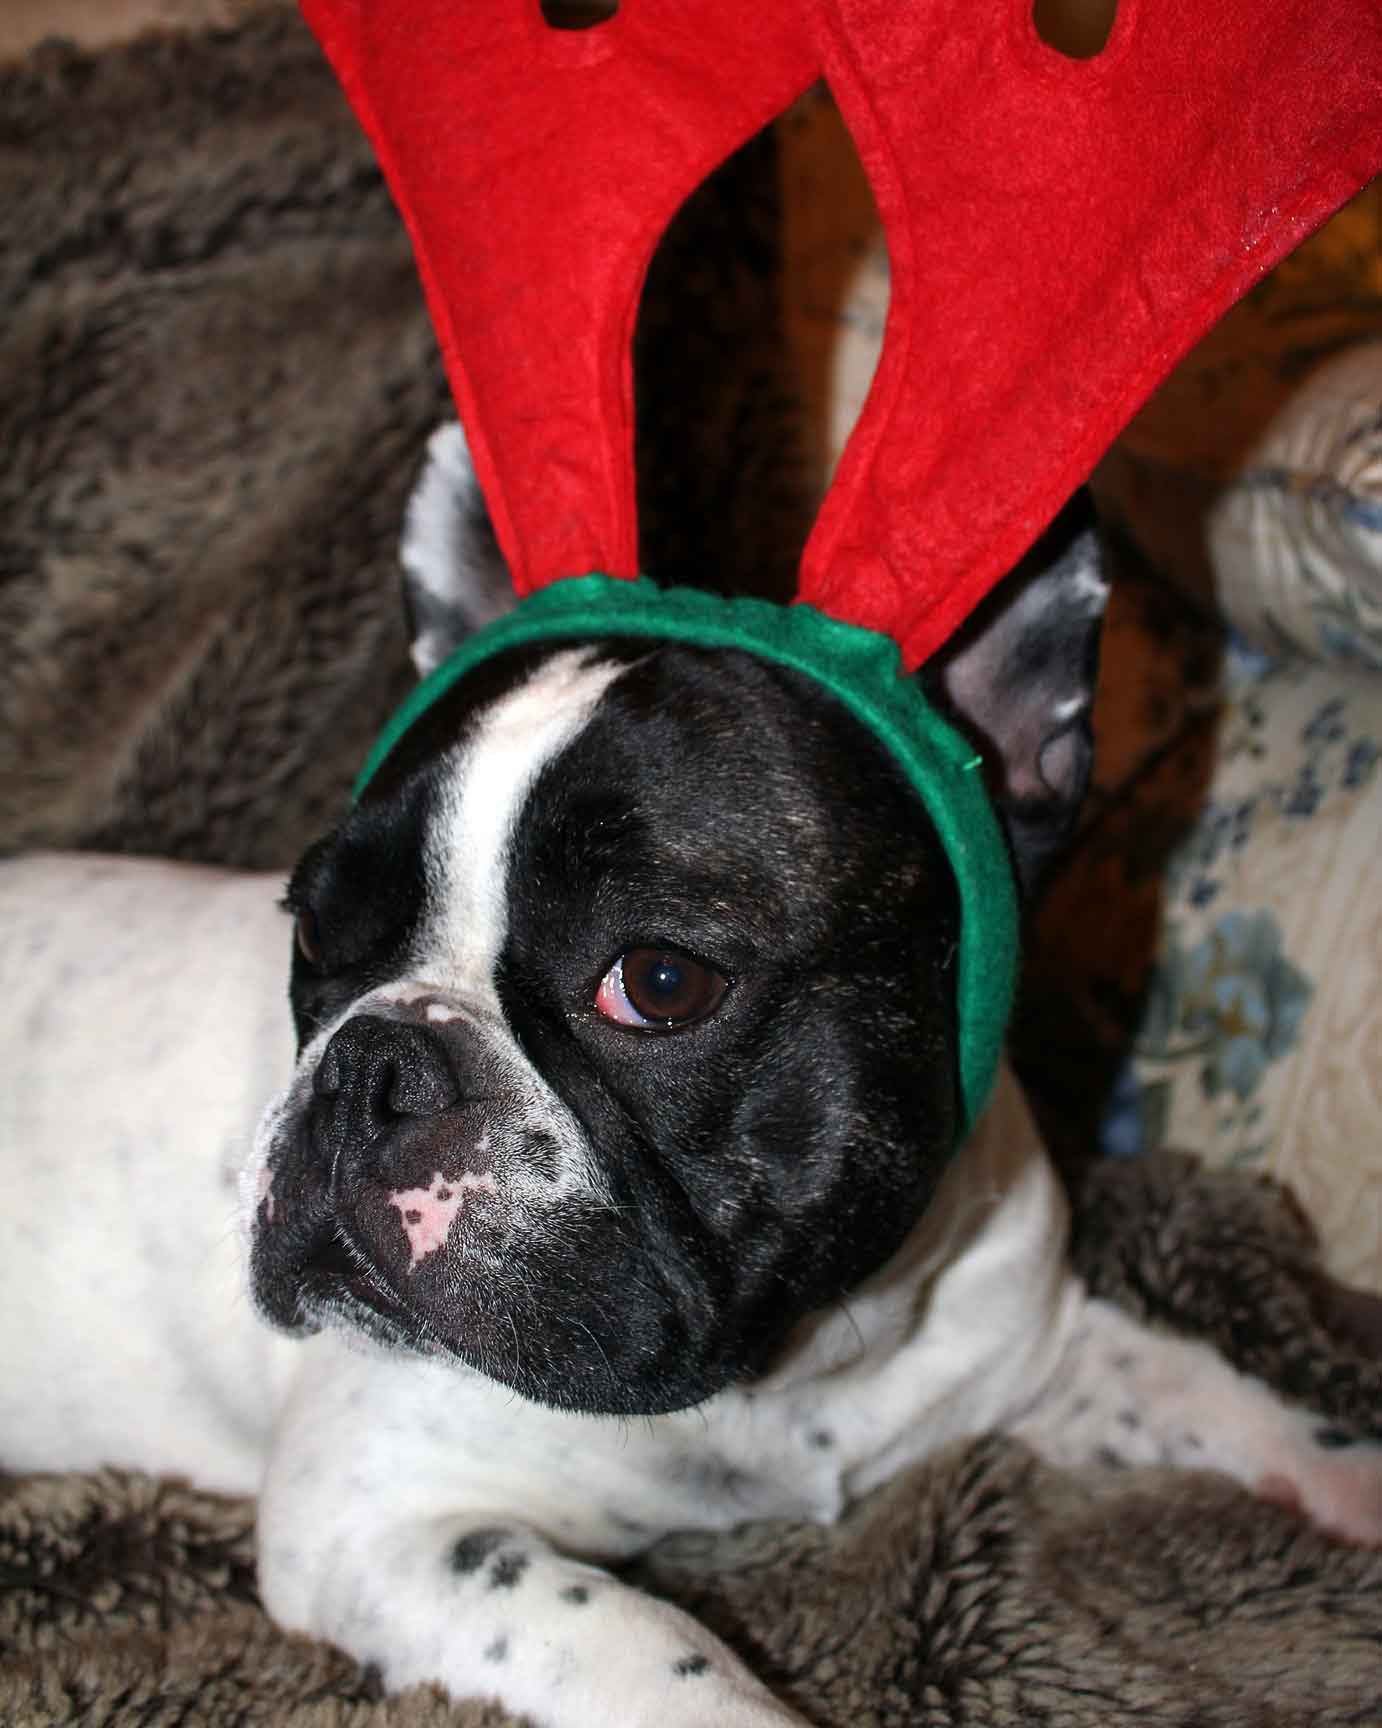 Französische Bulldogge Loulou. French Bulldog Loulou.